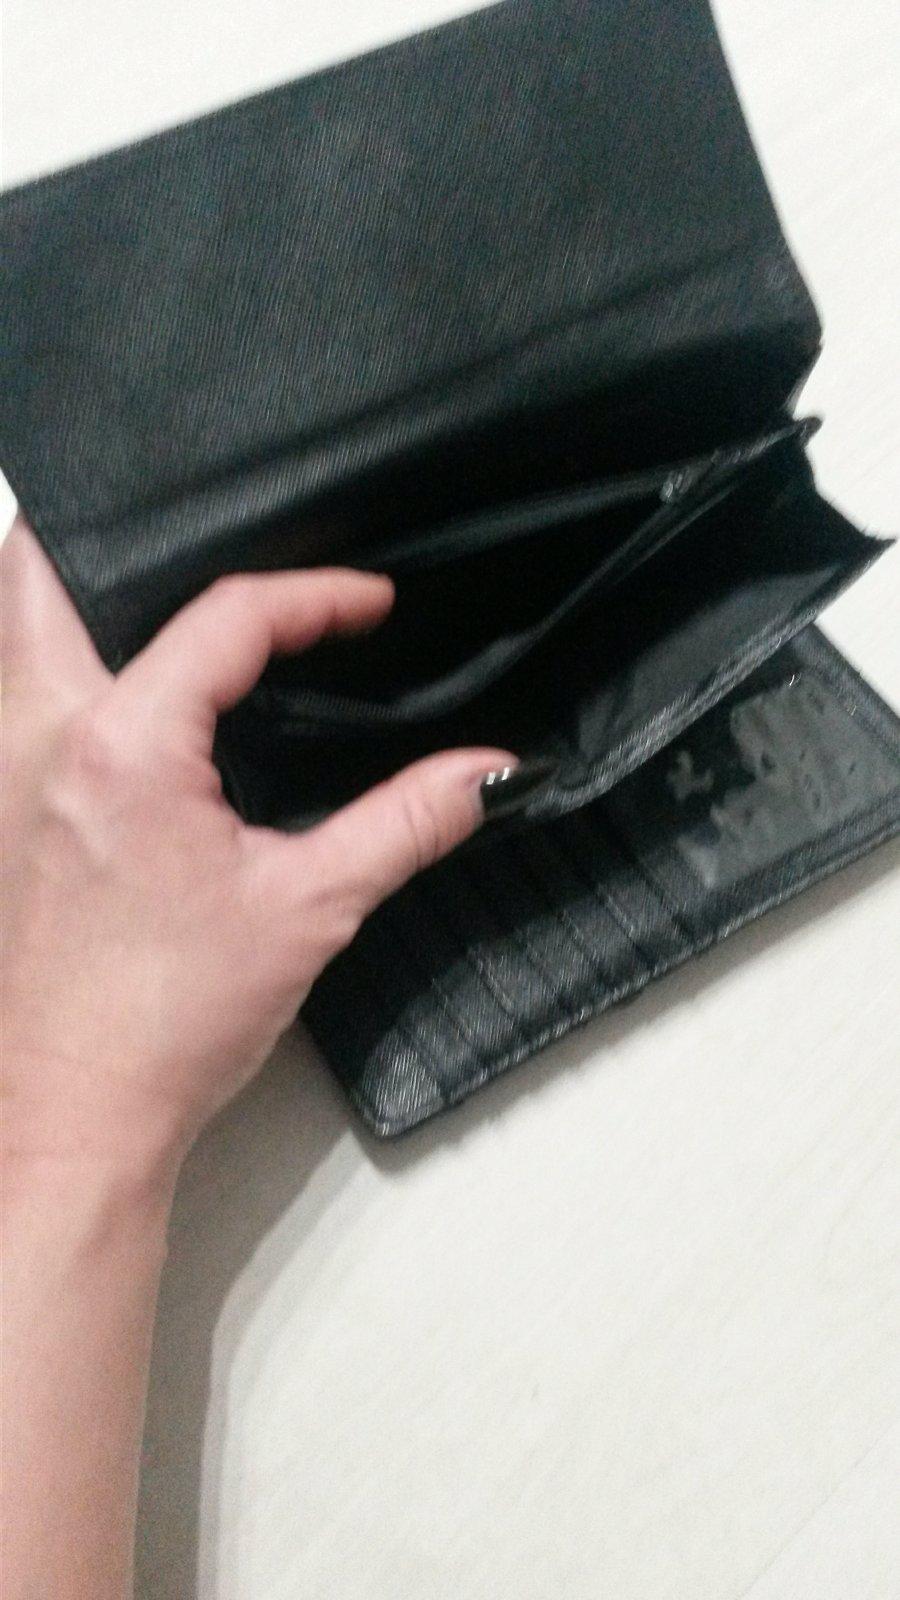 Peniaze sp z n kupov Pln - cashback port